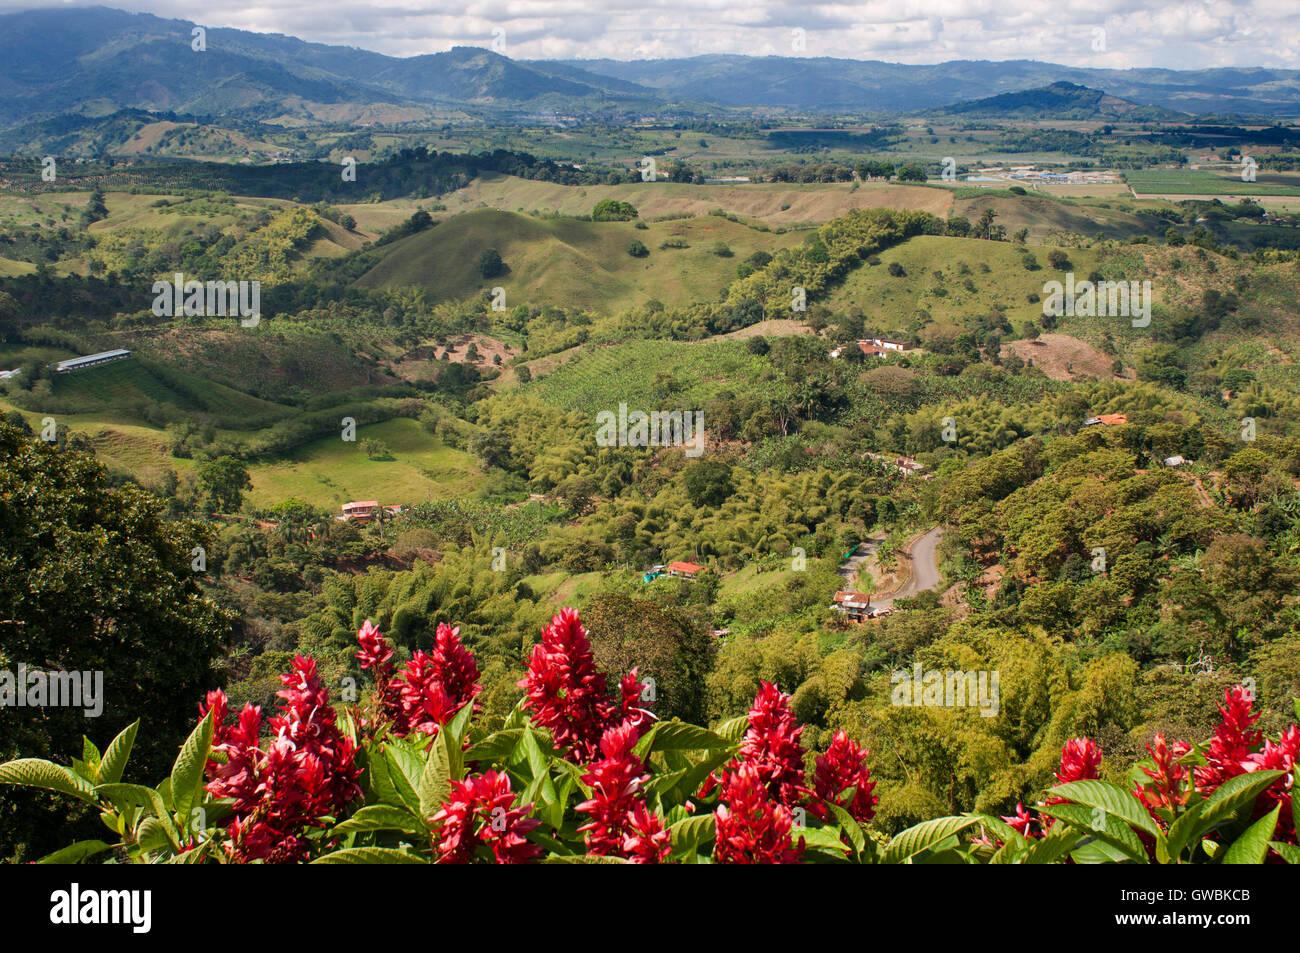 Hacienda San Alberto Las Plantaciones De Café Cerca De La